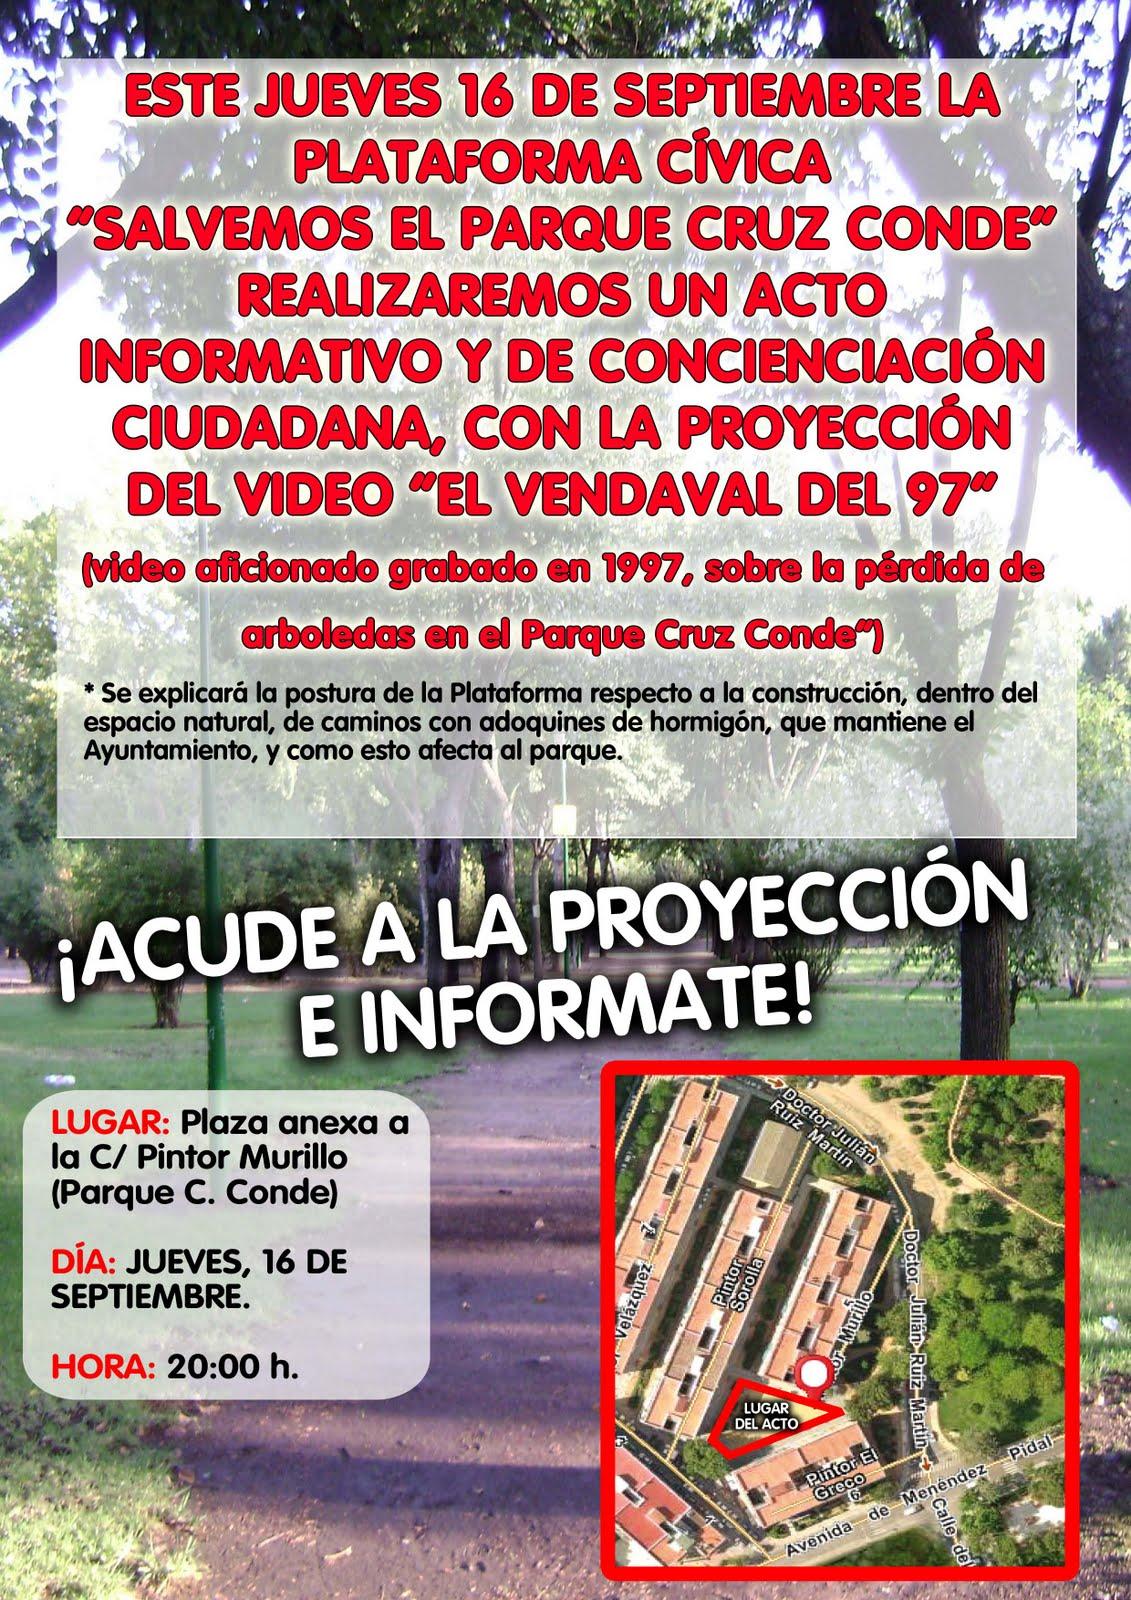 Circuito Parque Cruz Conde Cordoba : Salvemos el parque acto informativo